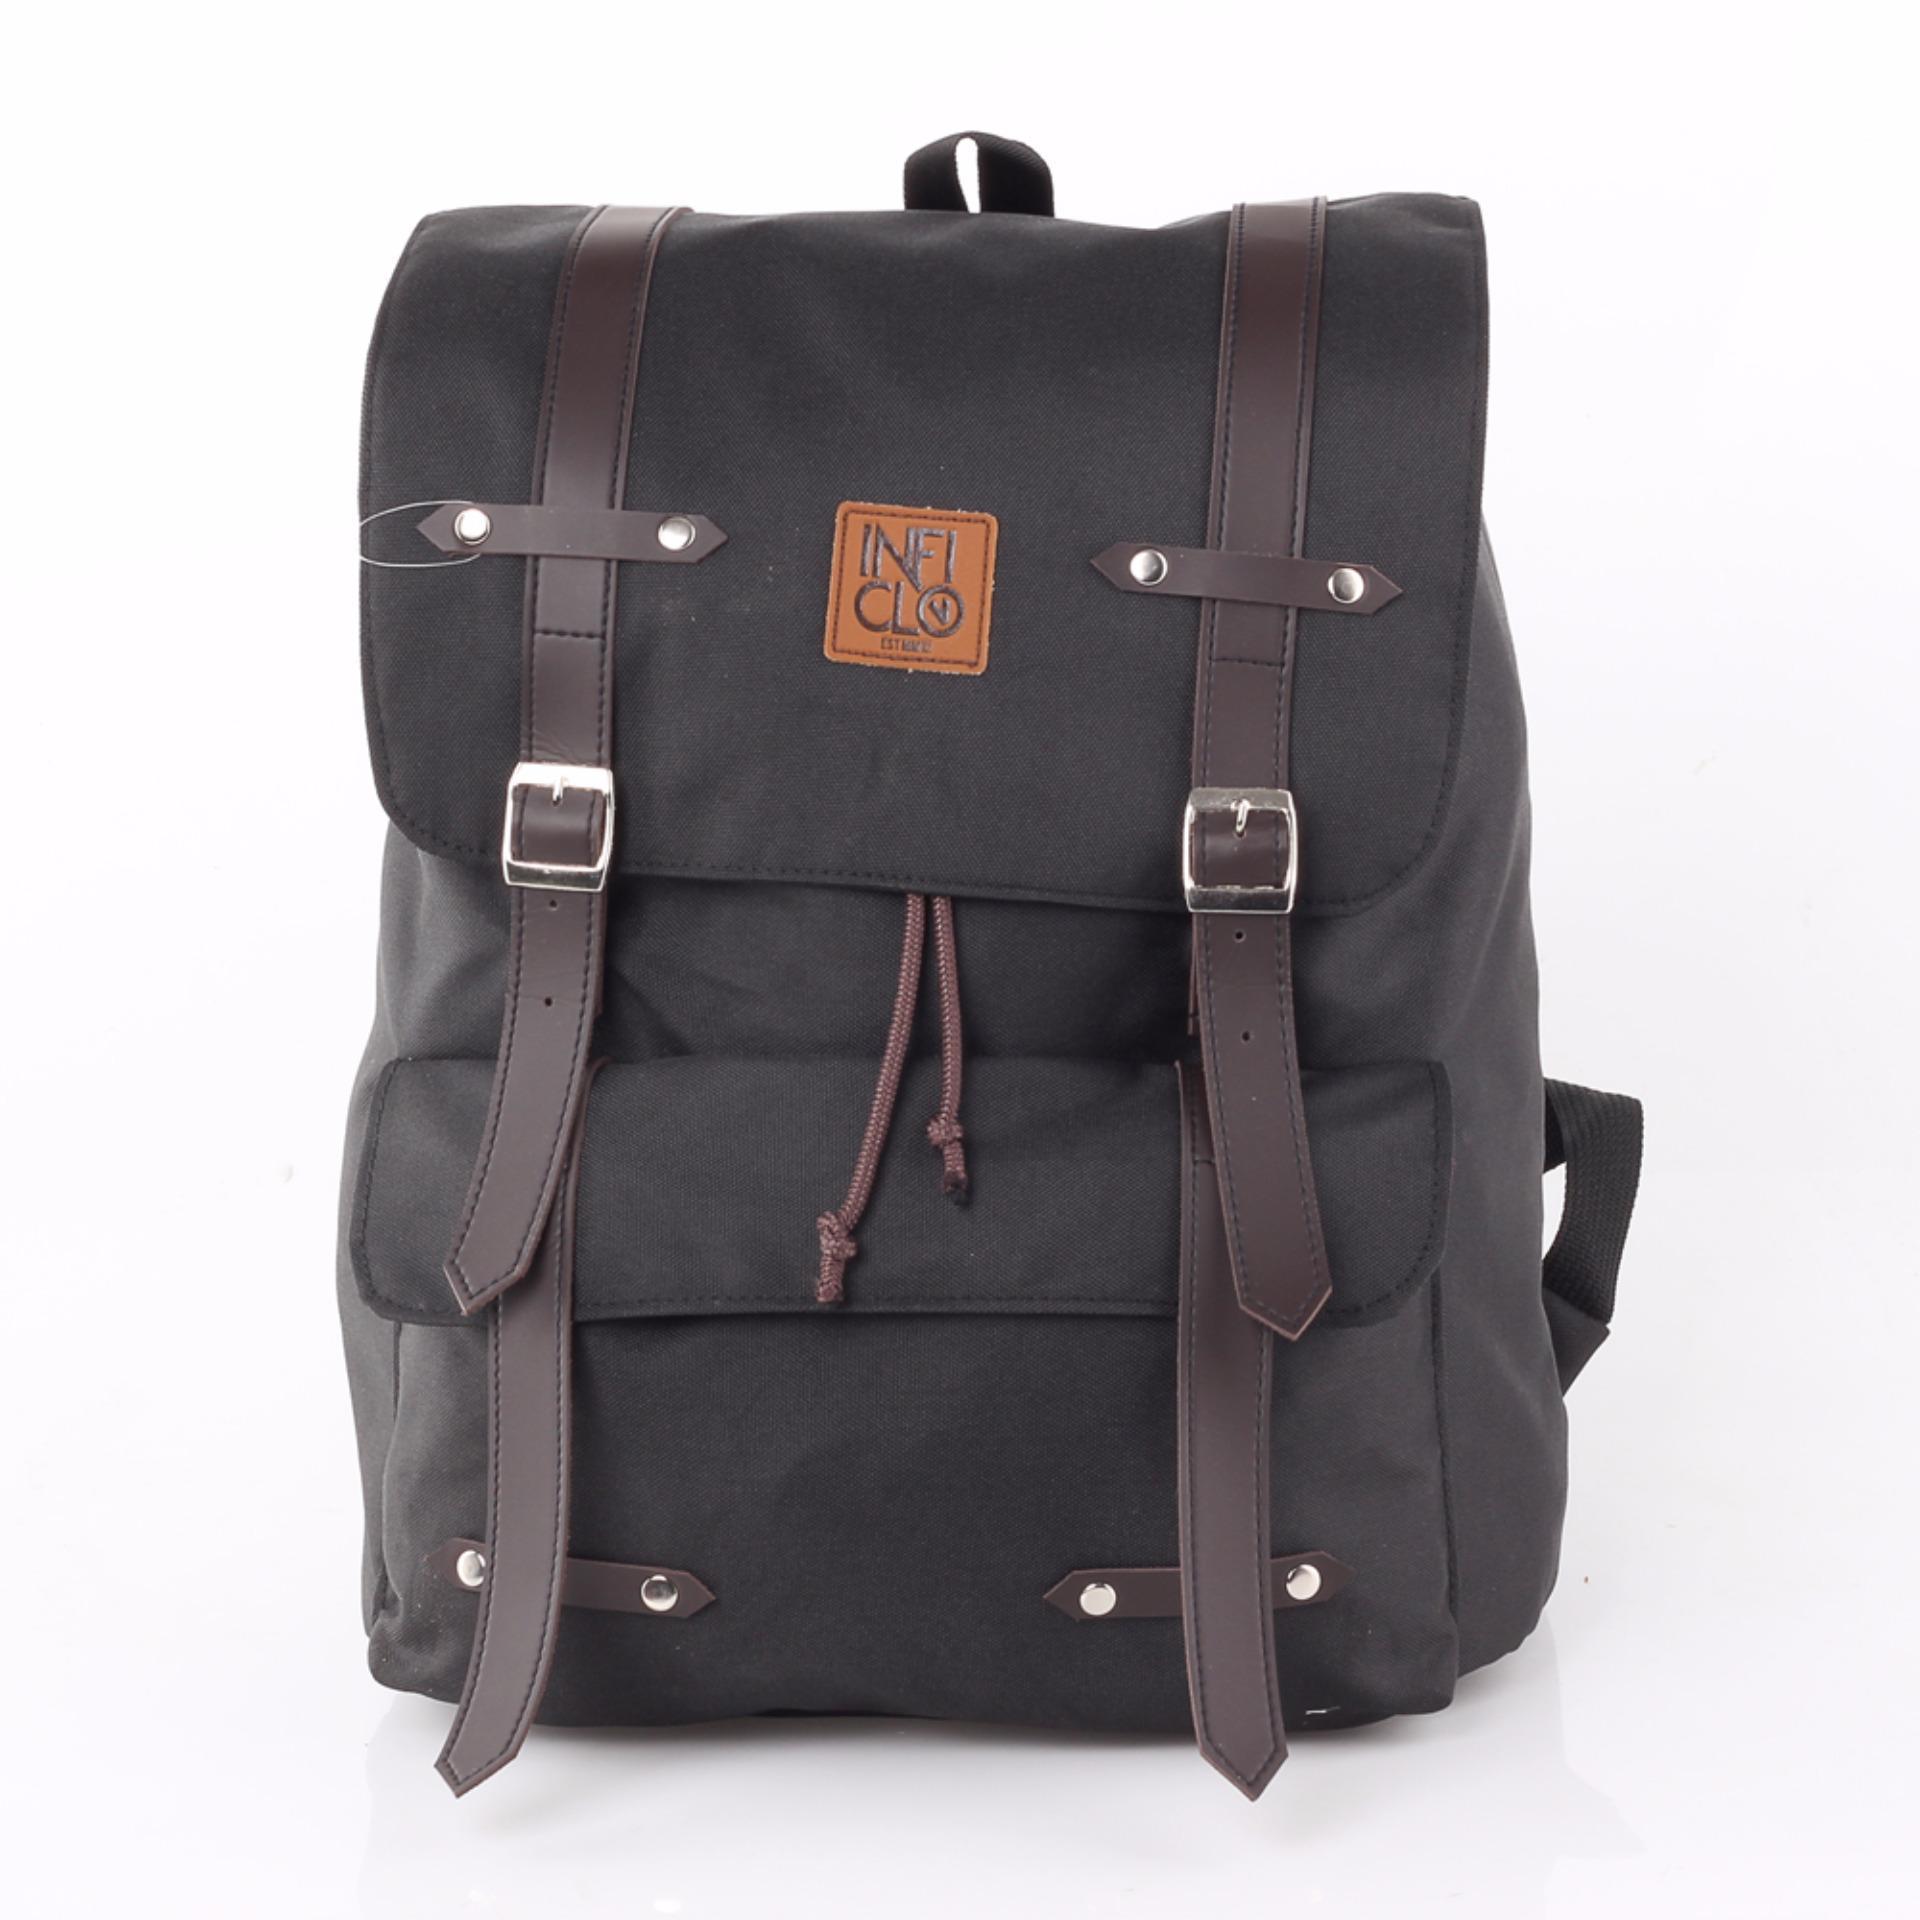 Dimensi 30x39x15 Inficlo Backpack/ tas laptop/best seller/ Tas Ransel SCPx171 Brown Valen